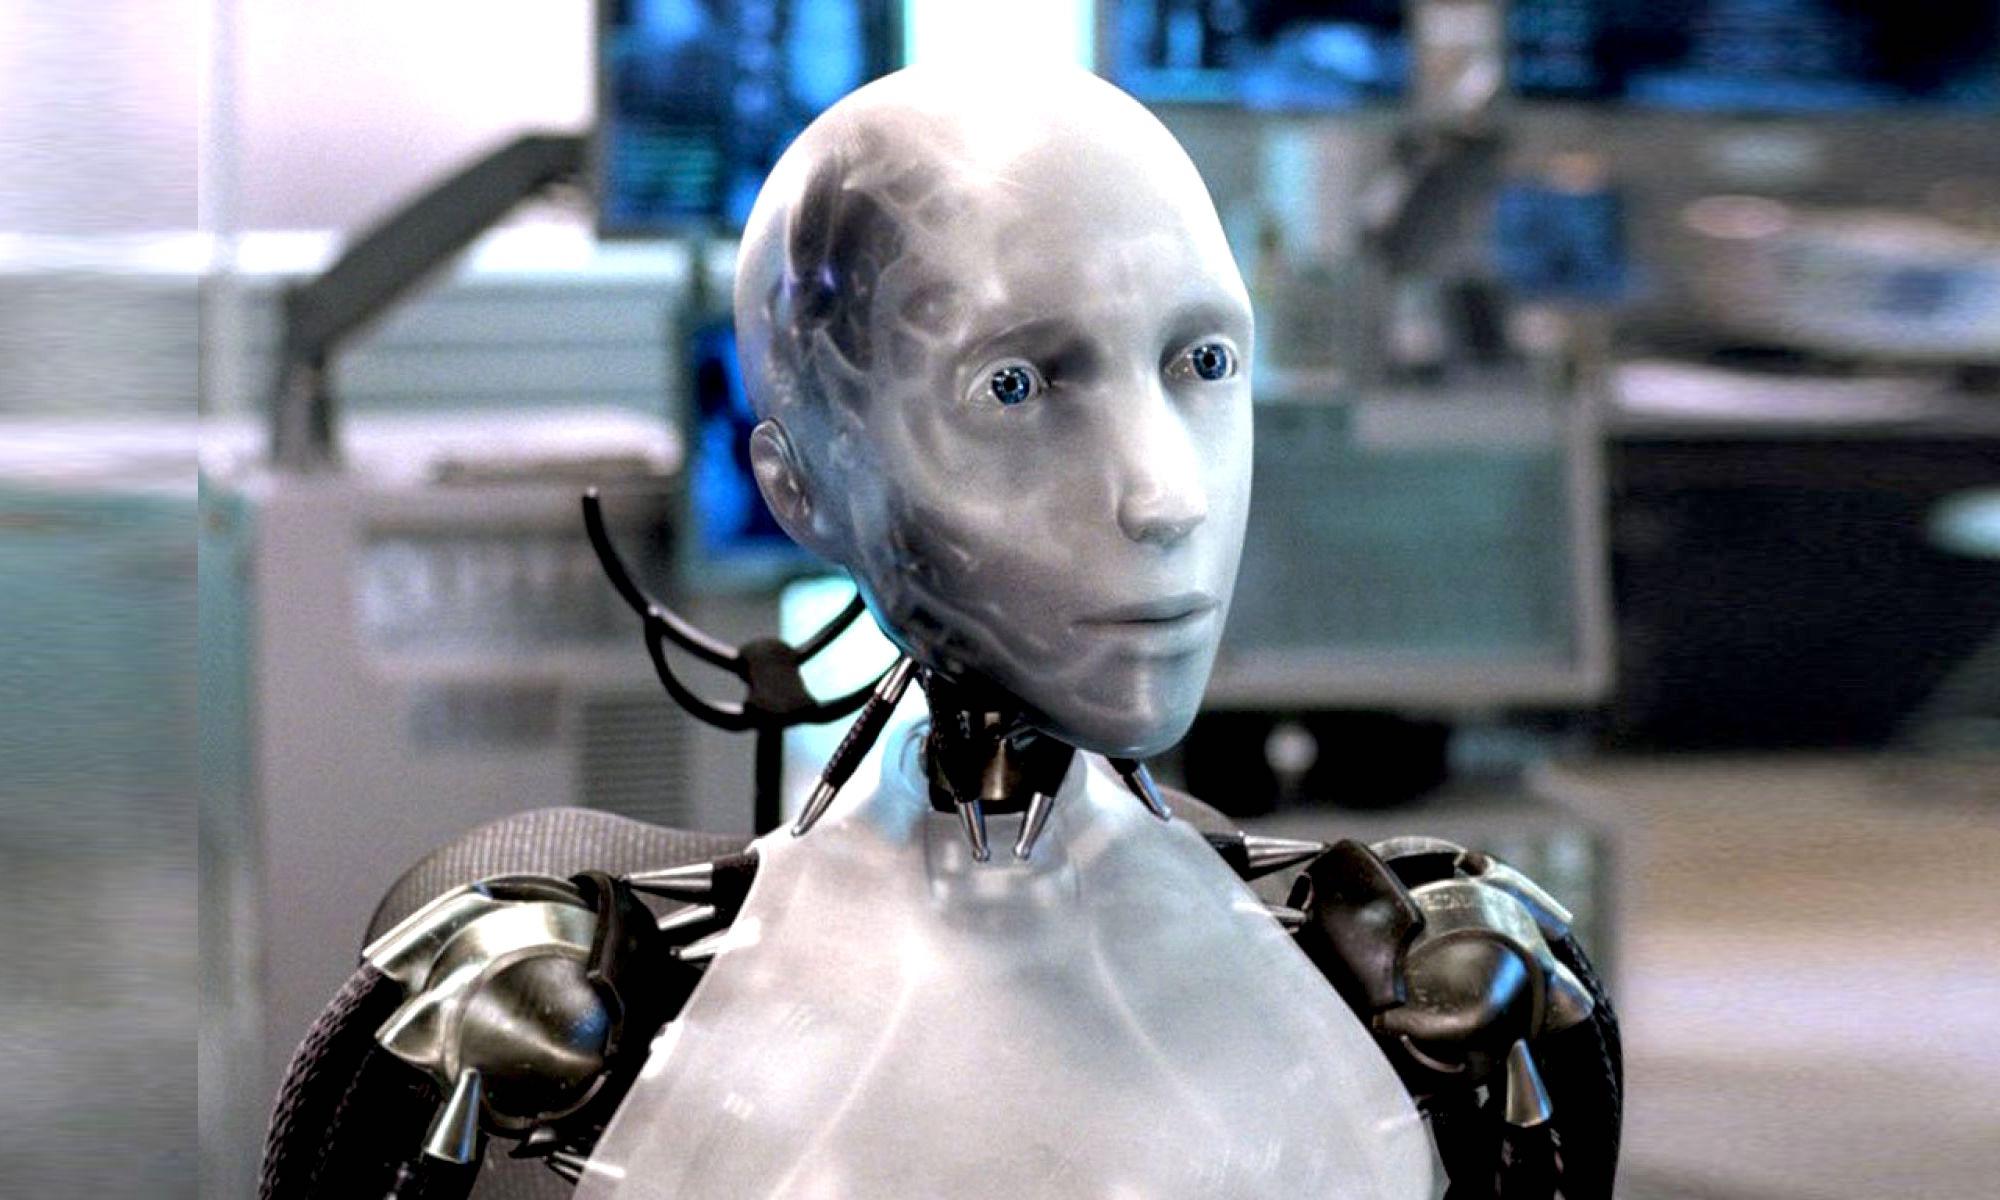 I, Robot - Sonny